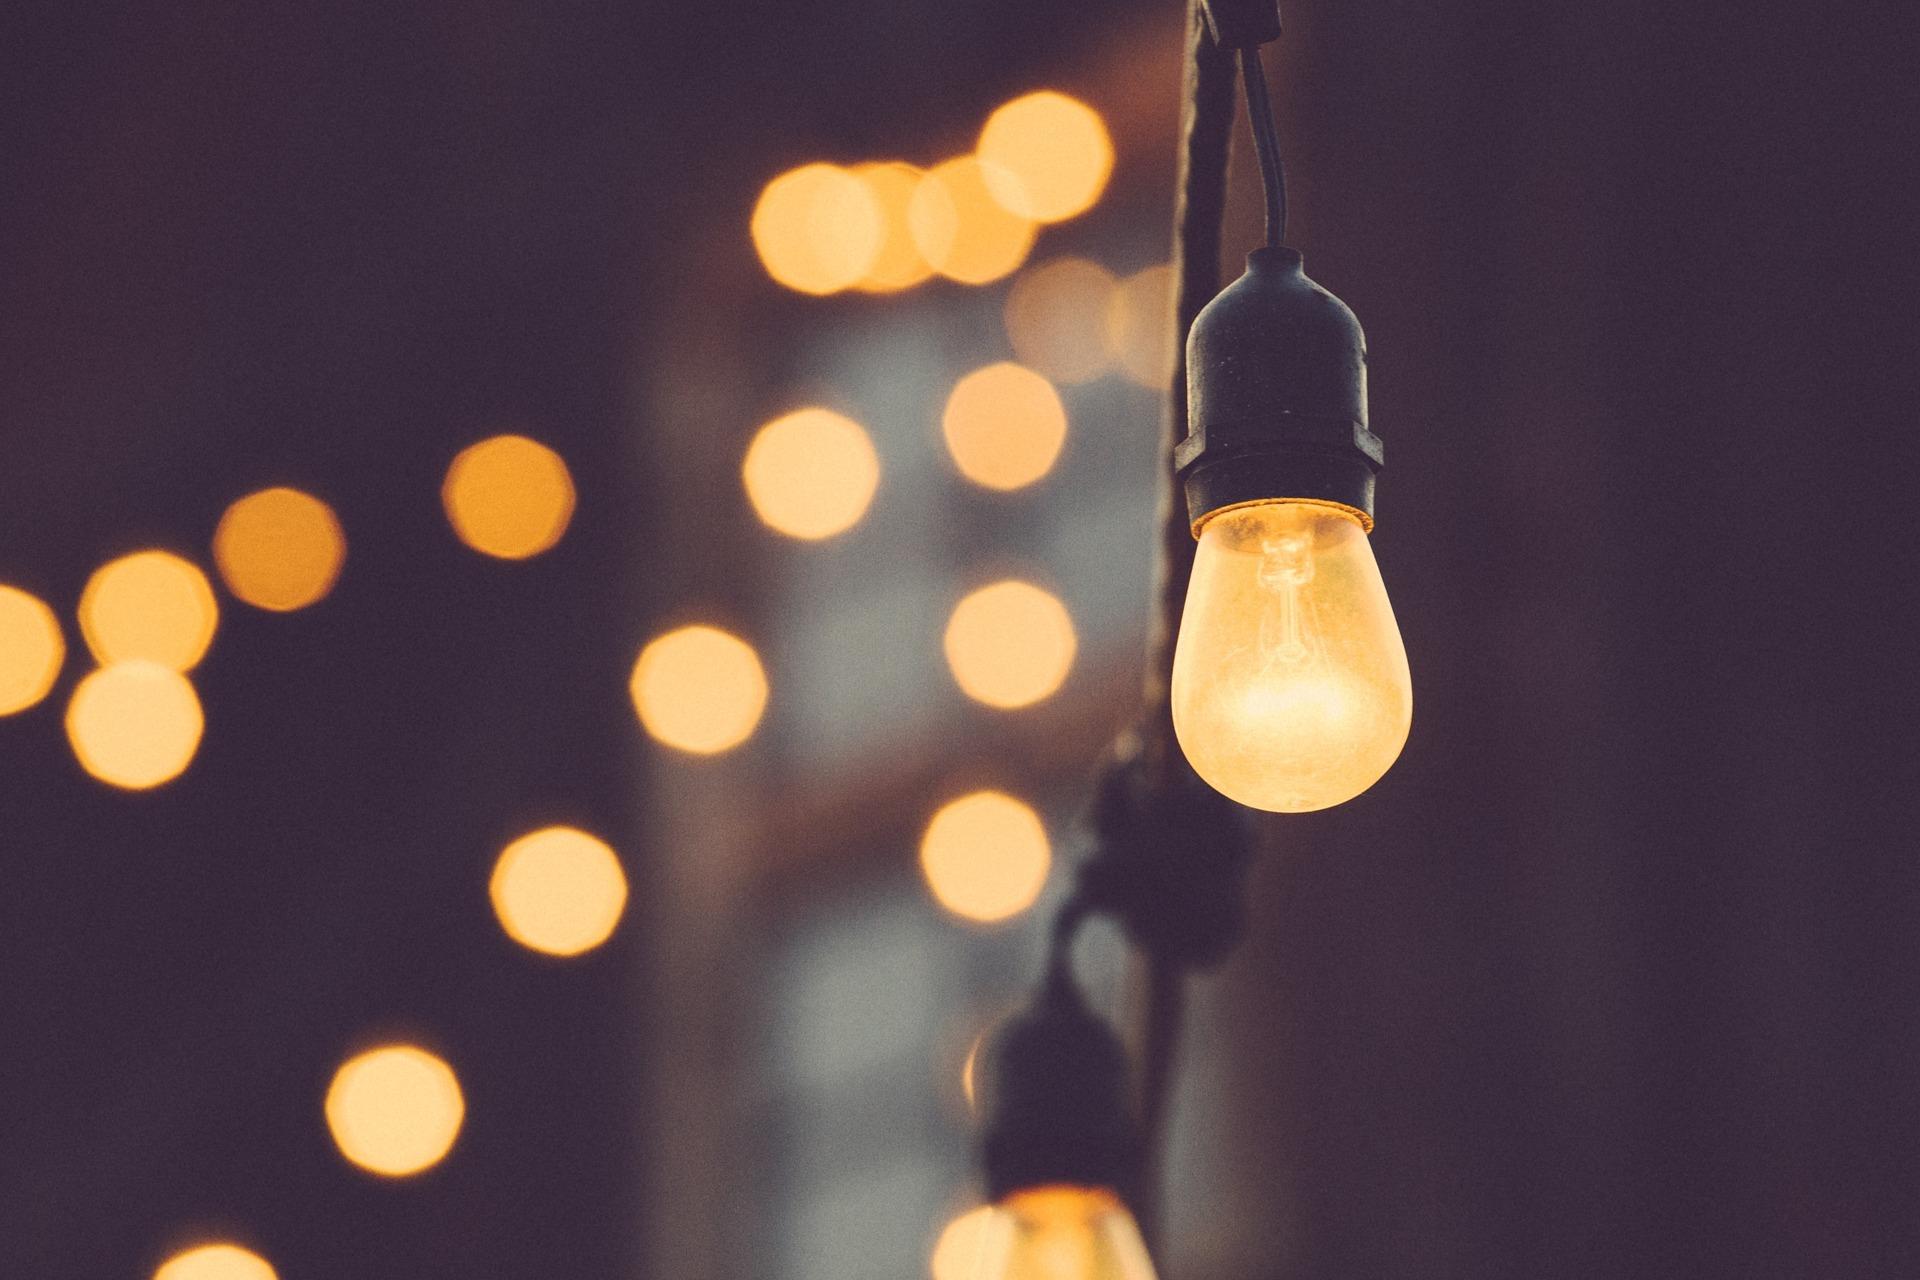 light-bulb-1209491_1920